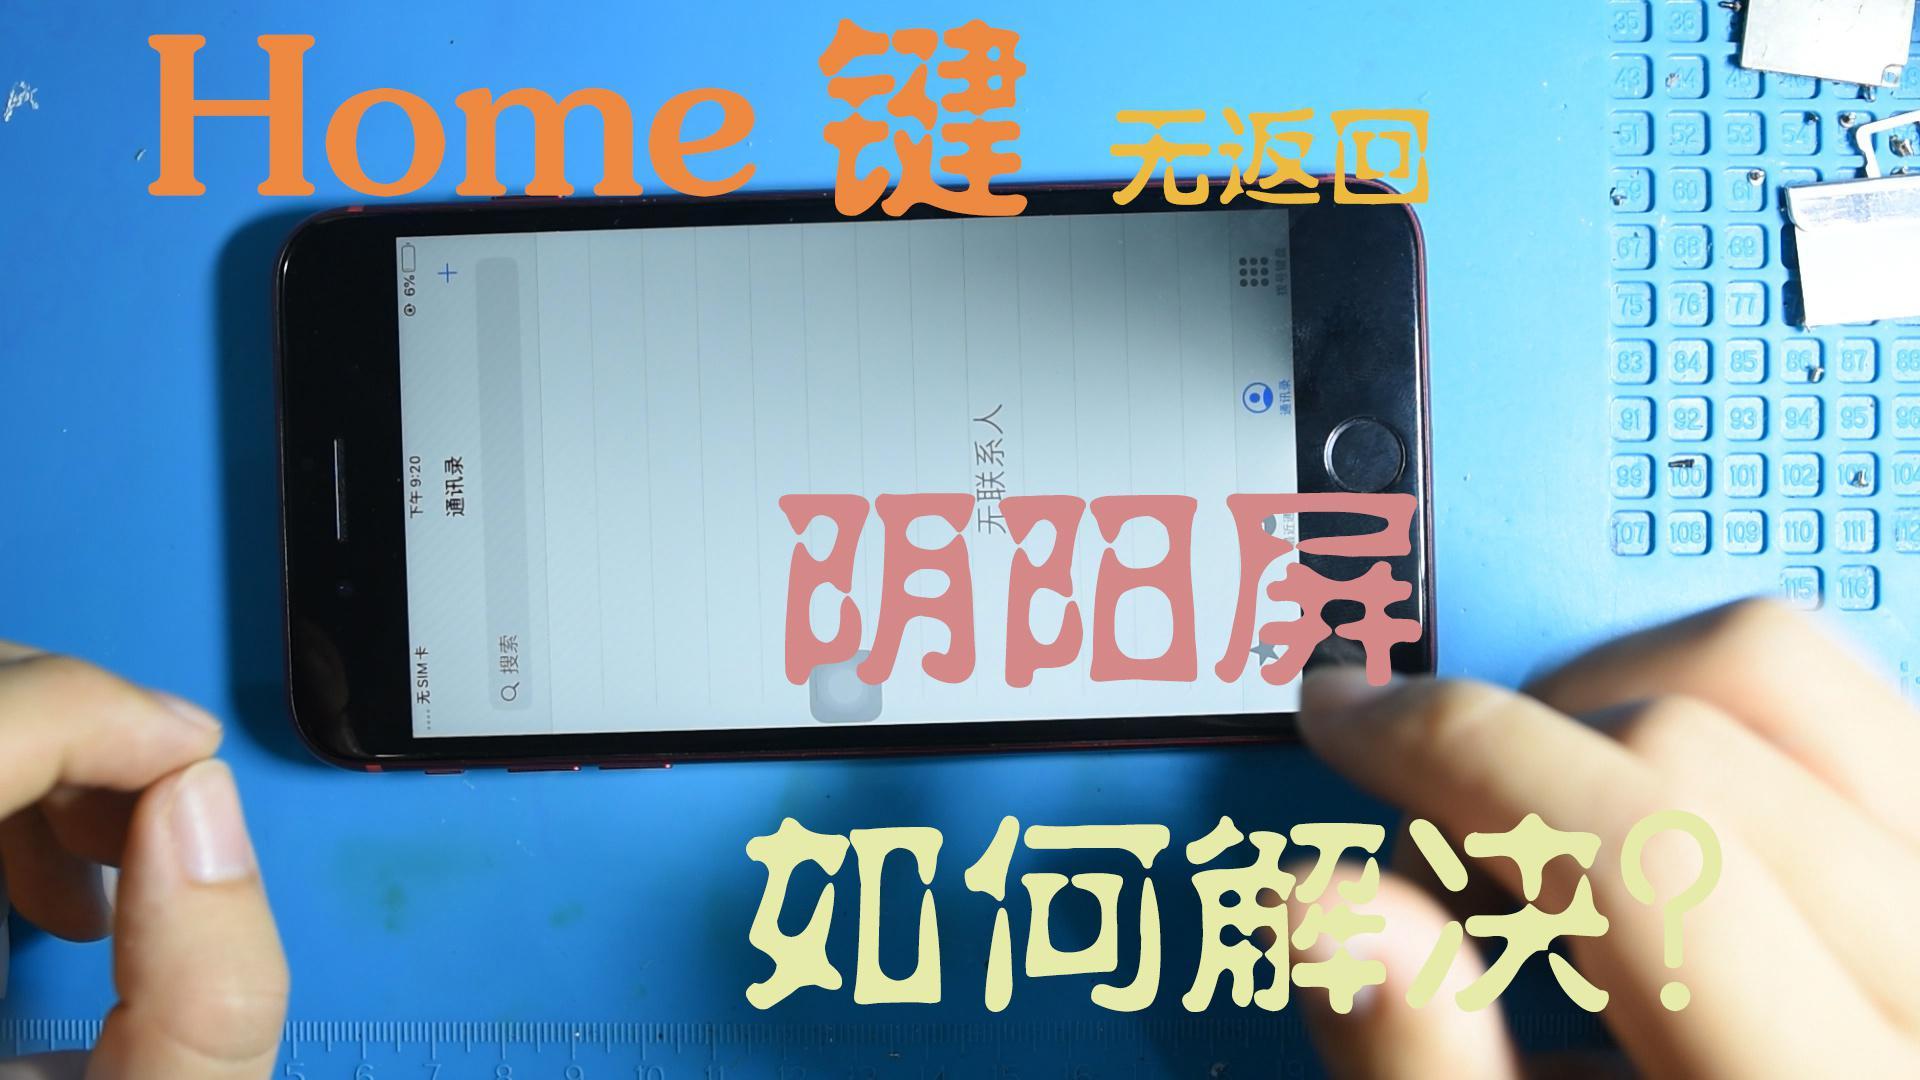 闲鱼淘二手iphone8P被坑阴阳屏和home键失灵还好问题简单能修